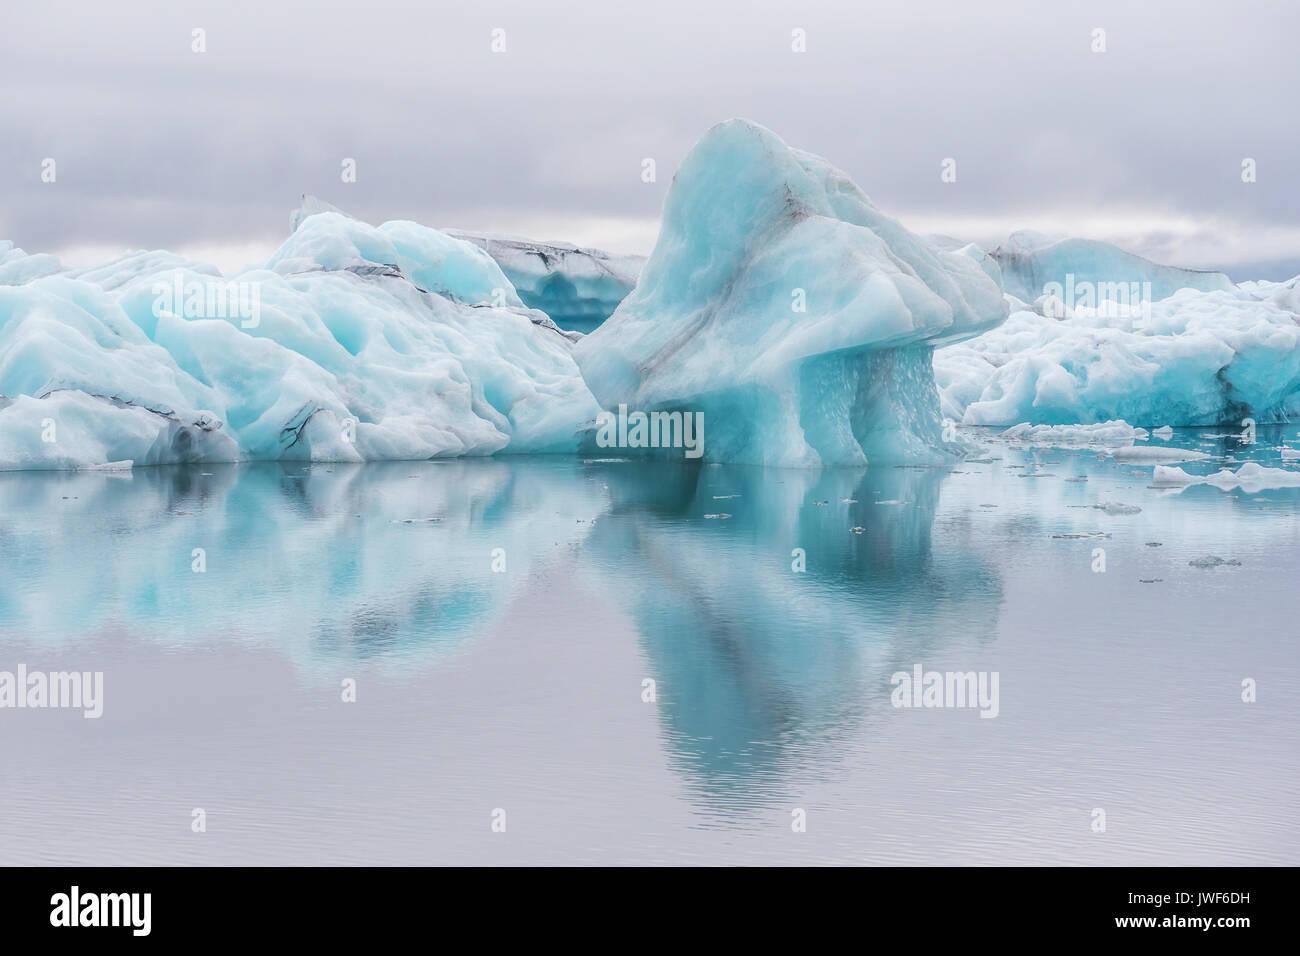 Les icebergs bleu flottant sur l'eau calme avec des réflexions Jokulsarlon glacier lagon. L'Islande. Photo Stock